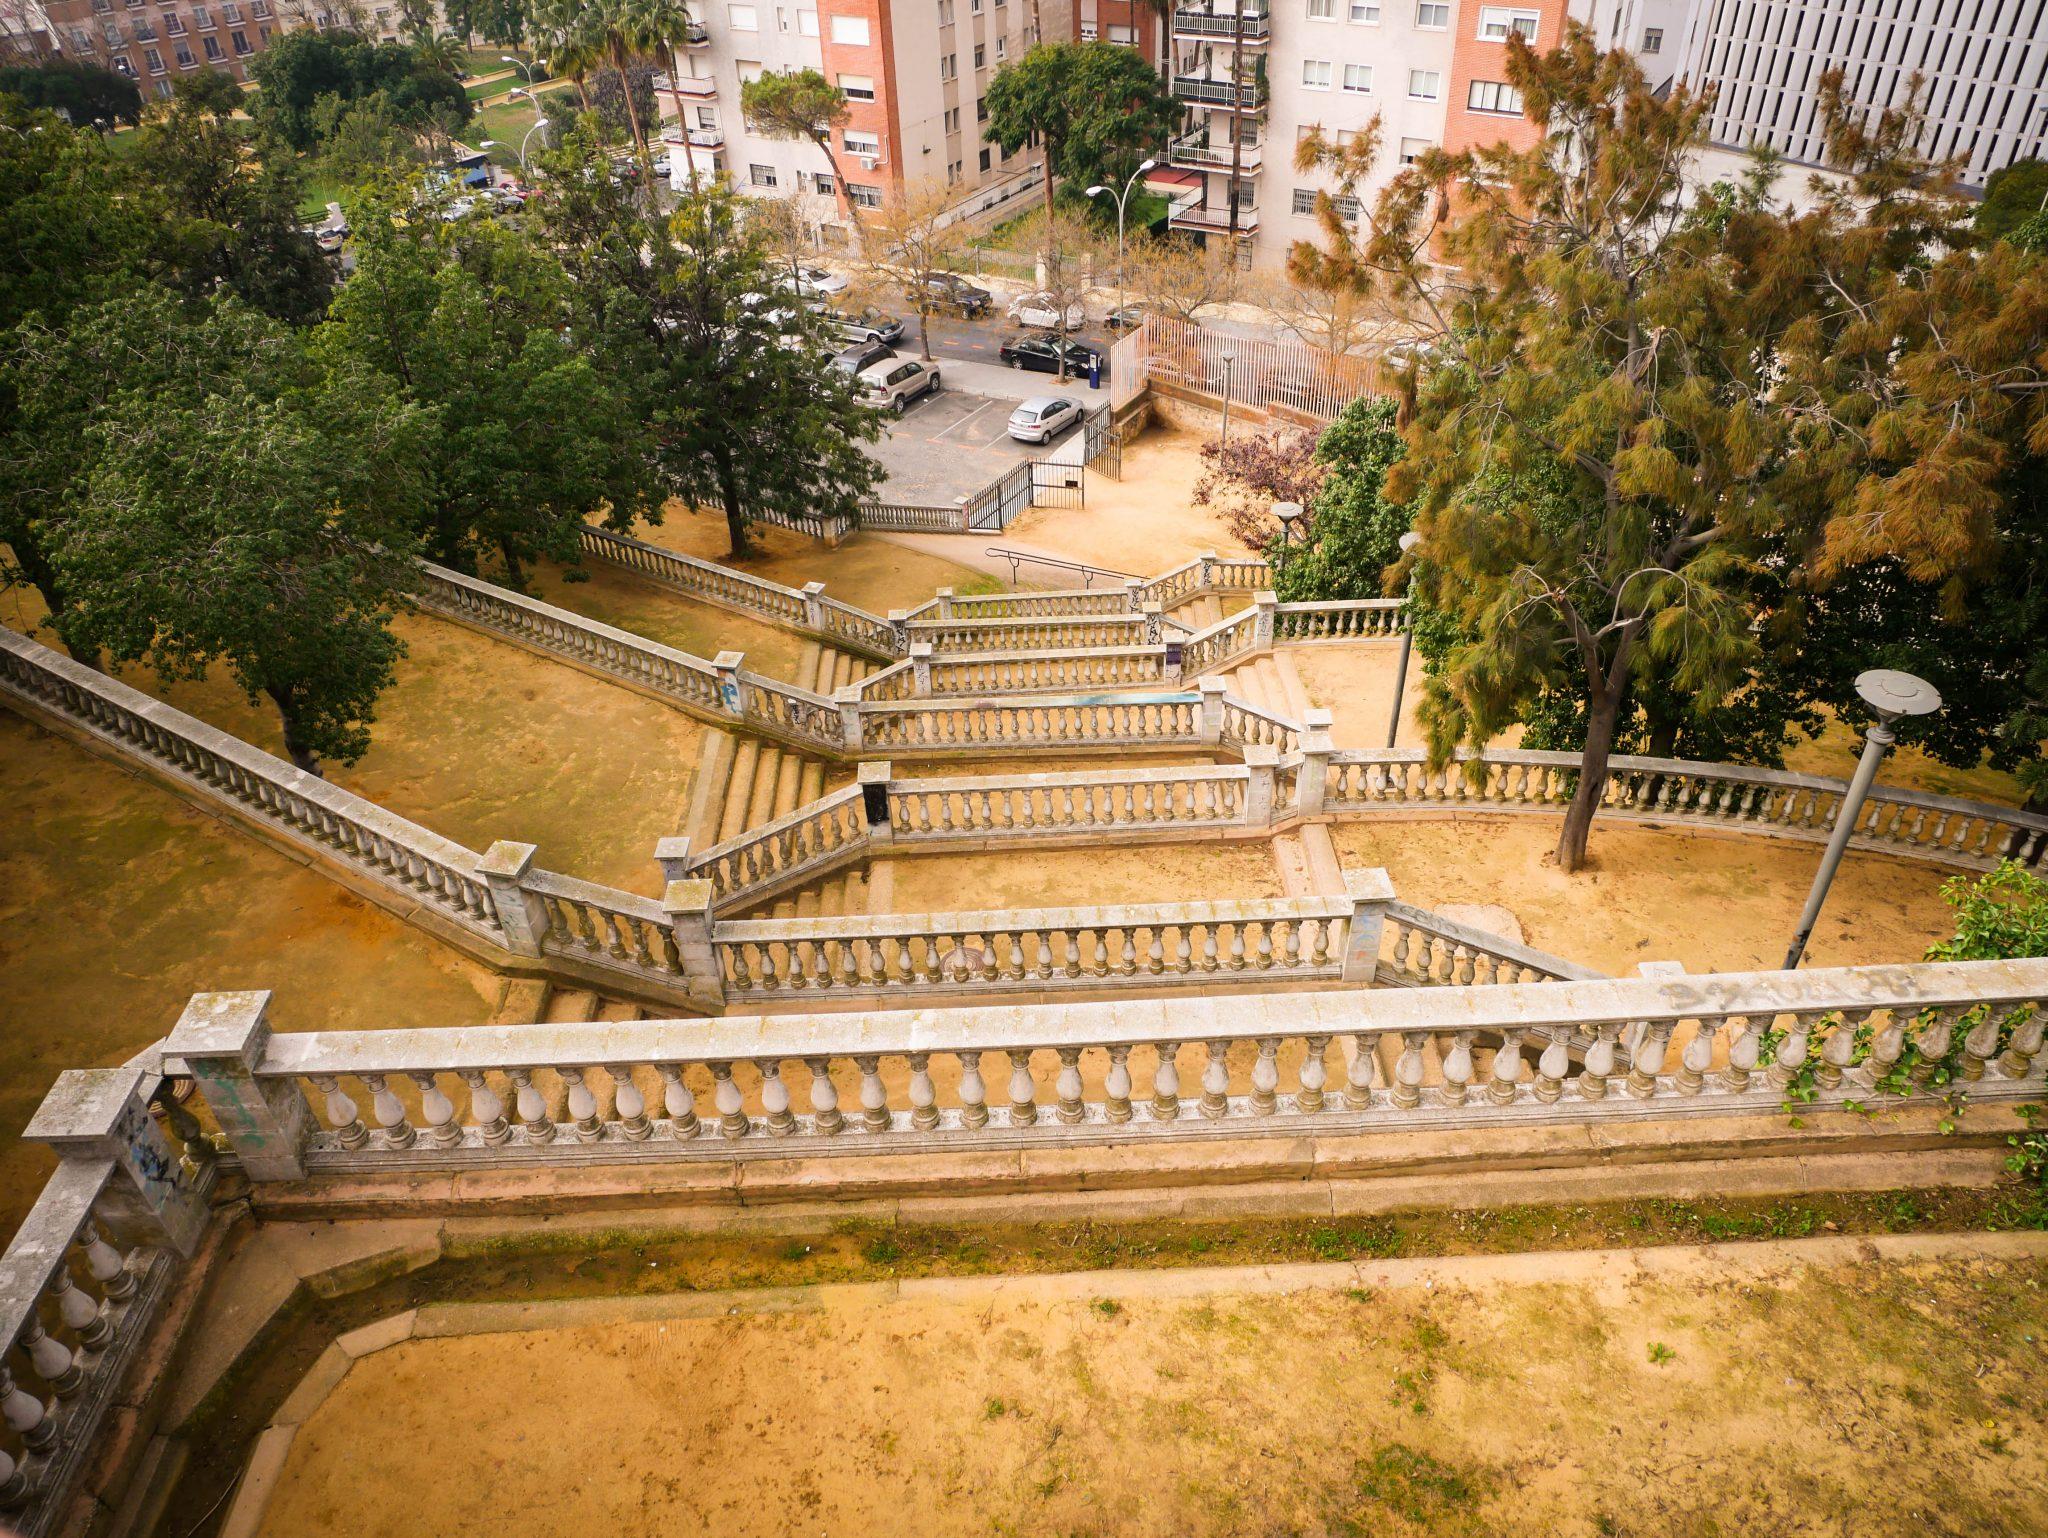 Huelva: Der Nebeneingang des Parks ist ein wenig gewöhnungsbedürftig...